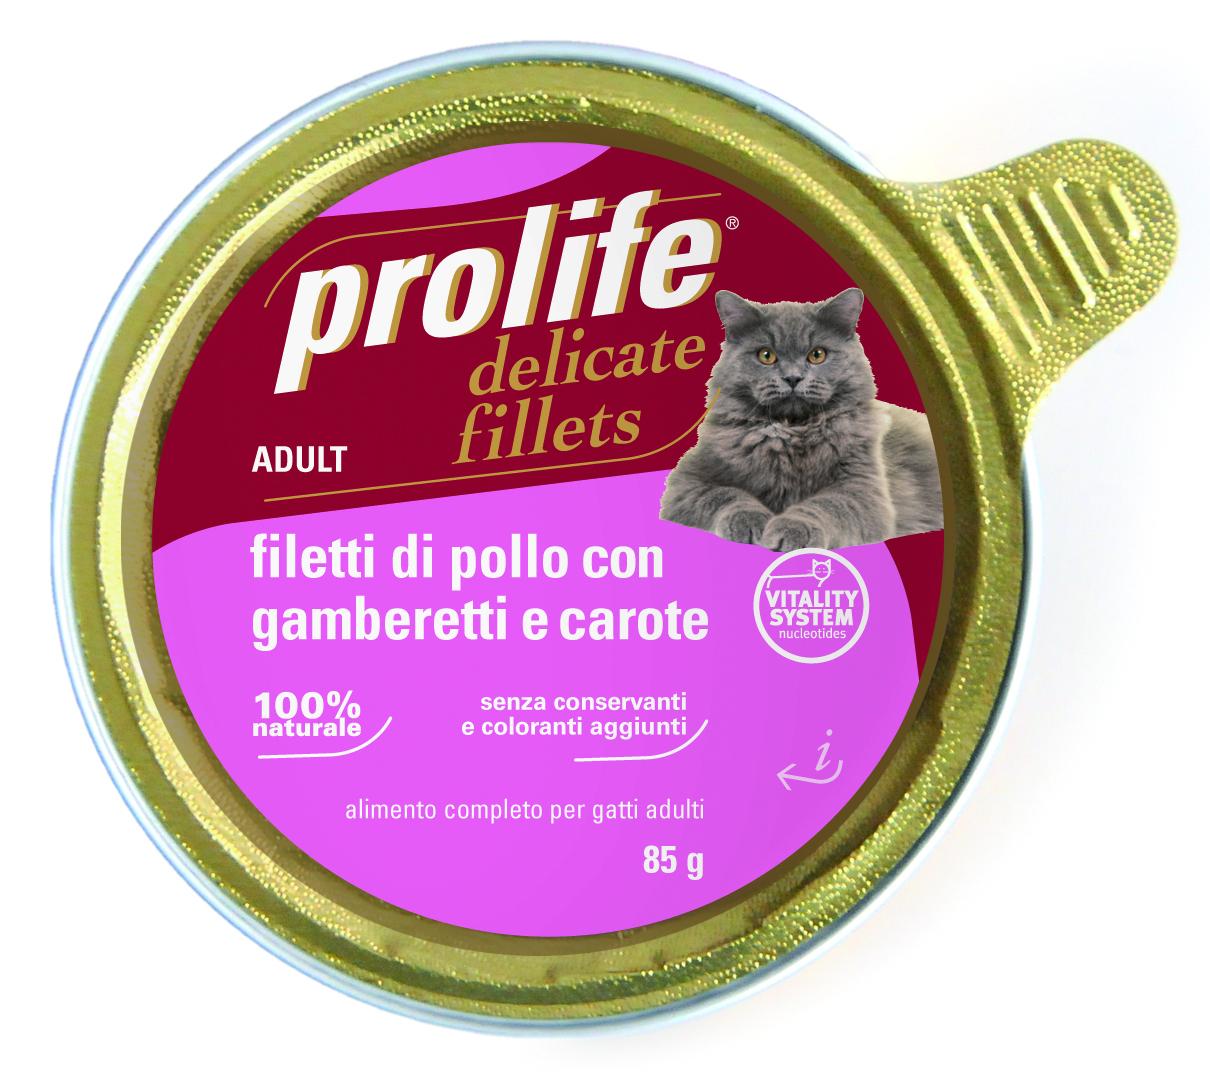 PROLIFE FILETTI DI POLLO GAMB CAROTE 85 GR.